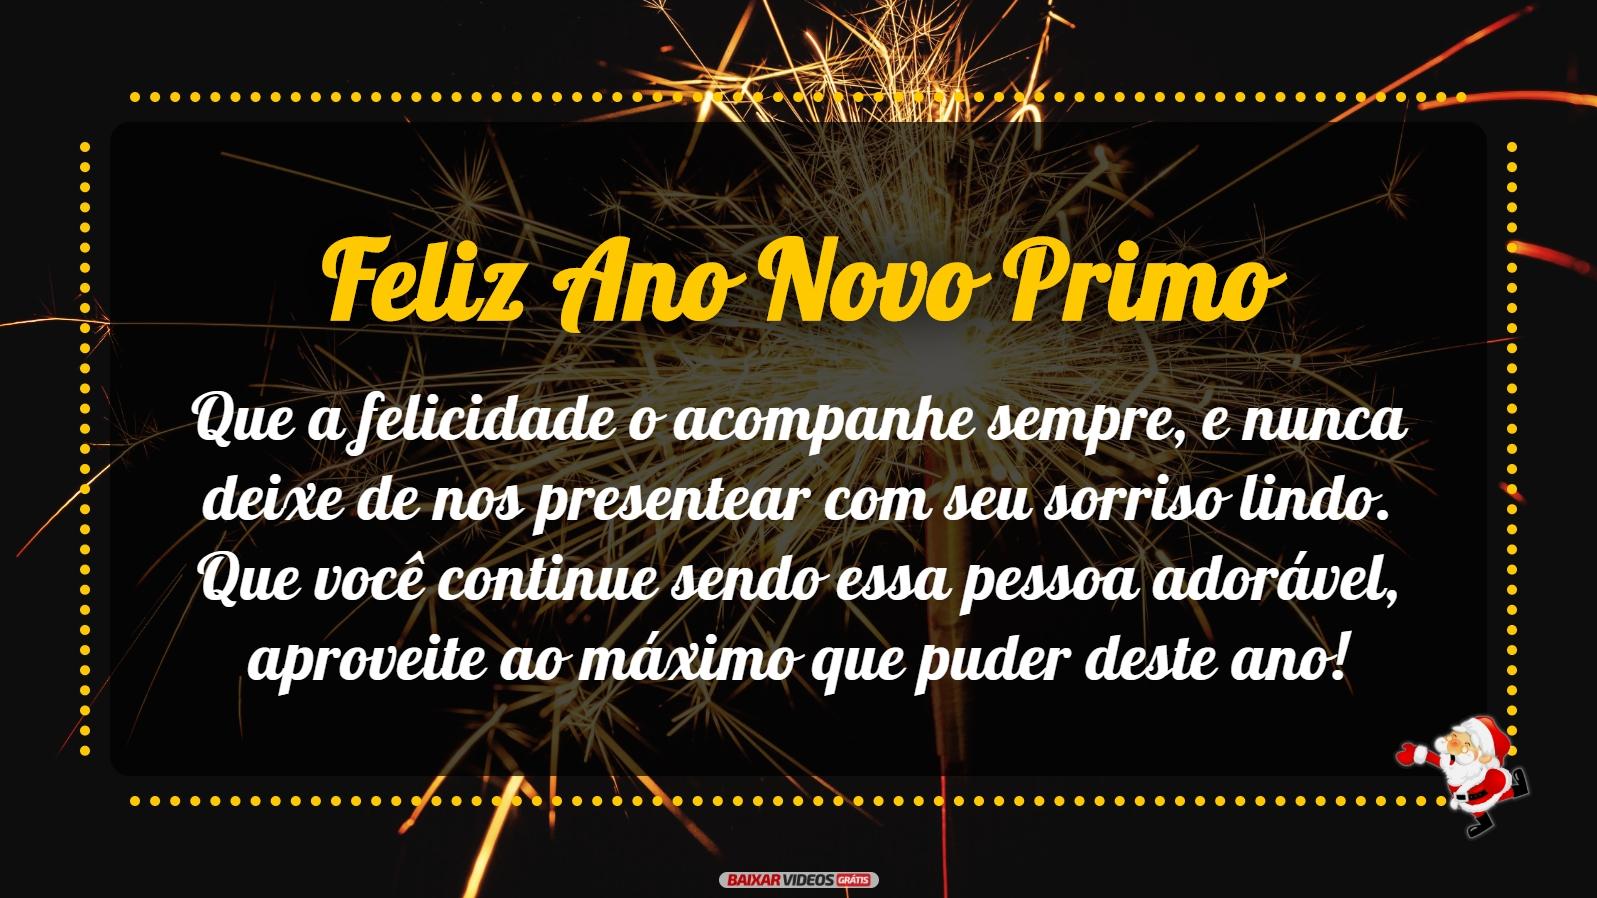 Que a felicidade o acompanhe sempre, e nunca deixe de nos presentear com seu sorriso lindo. Que você continue sendo essa pessoa adorável, aproveite ao máximo que puder deste ano! Feliz Ano Novo Primo!